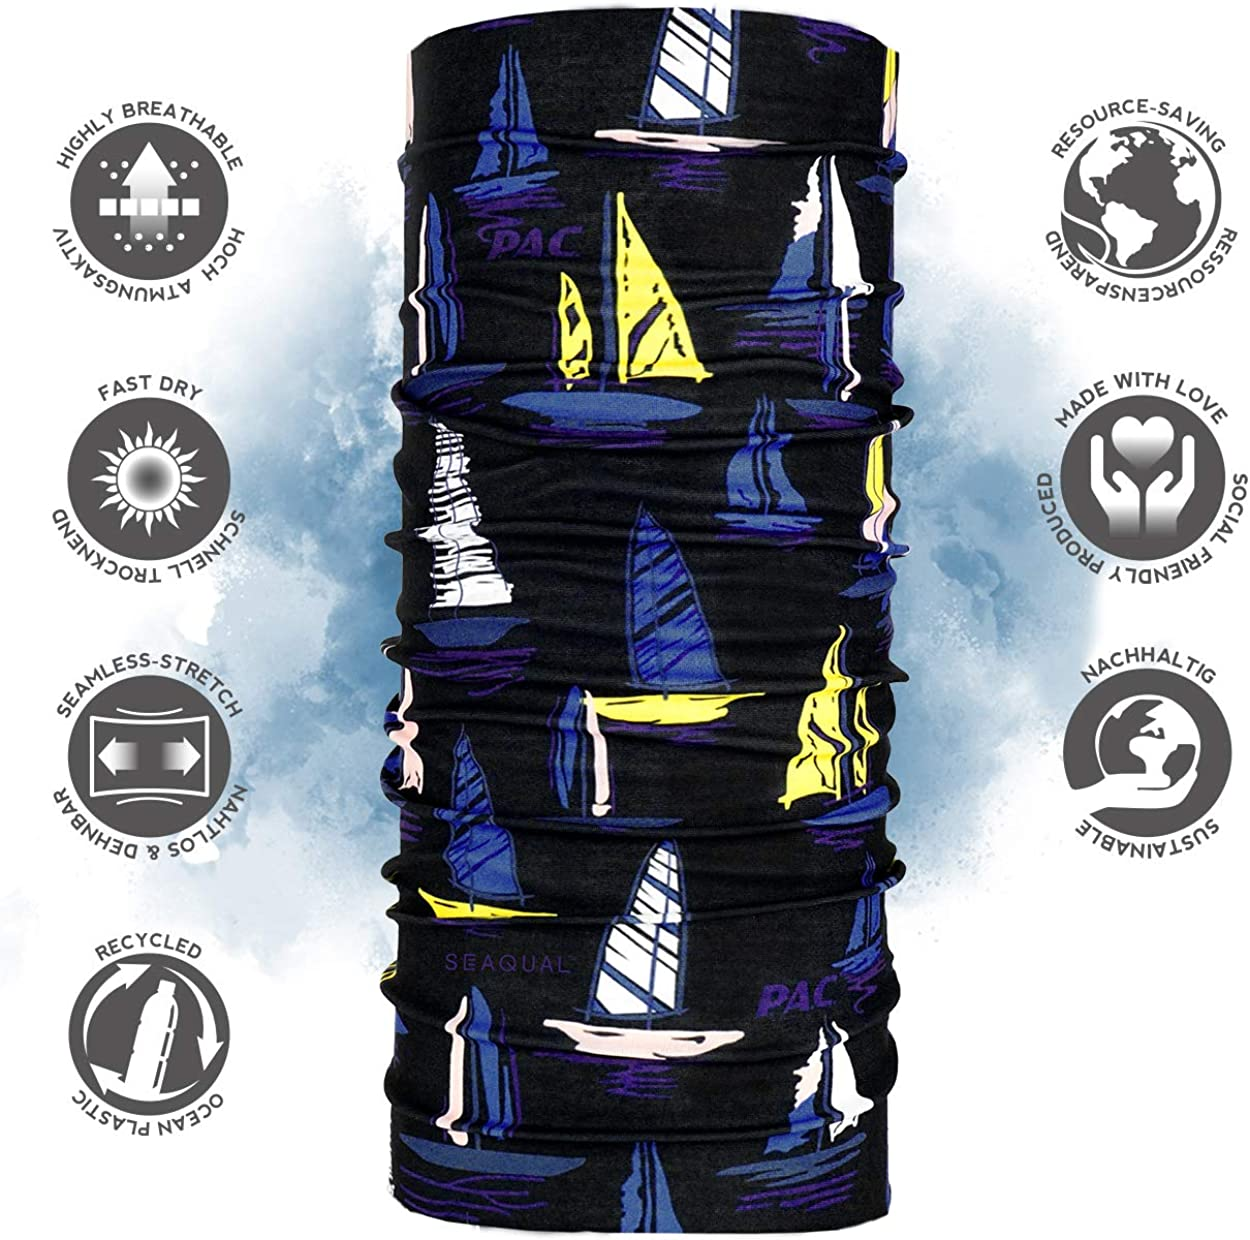 nahtloses Halstuch verschiedenste Designs Schal Unisex 10 Tragevarianten Ocean Upcycling Multifunktionstuch P.A.C nachhaltiges Schlauchtuch Stirnband aus Meeresplastik hergestellt Kopftuch